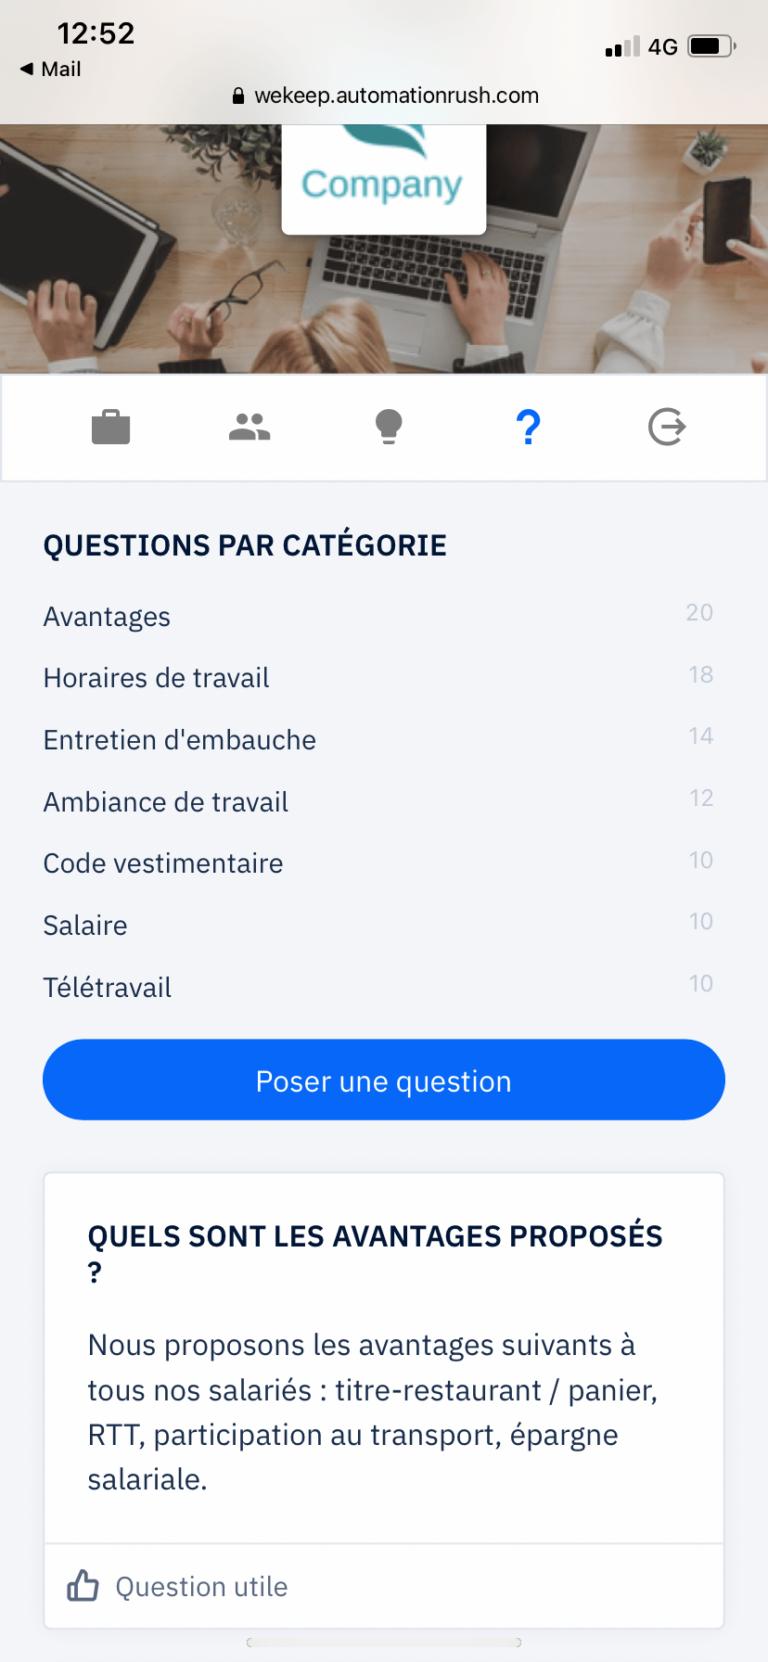 WeKeep - Foire aux questions